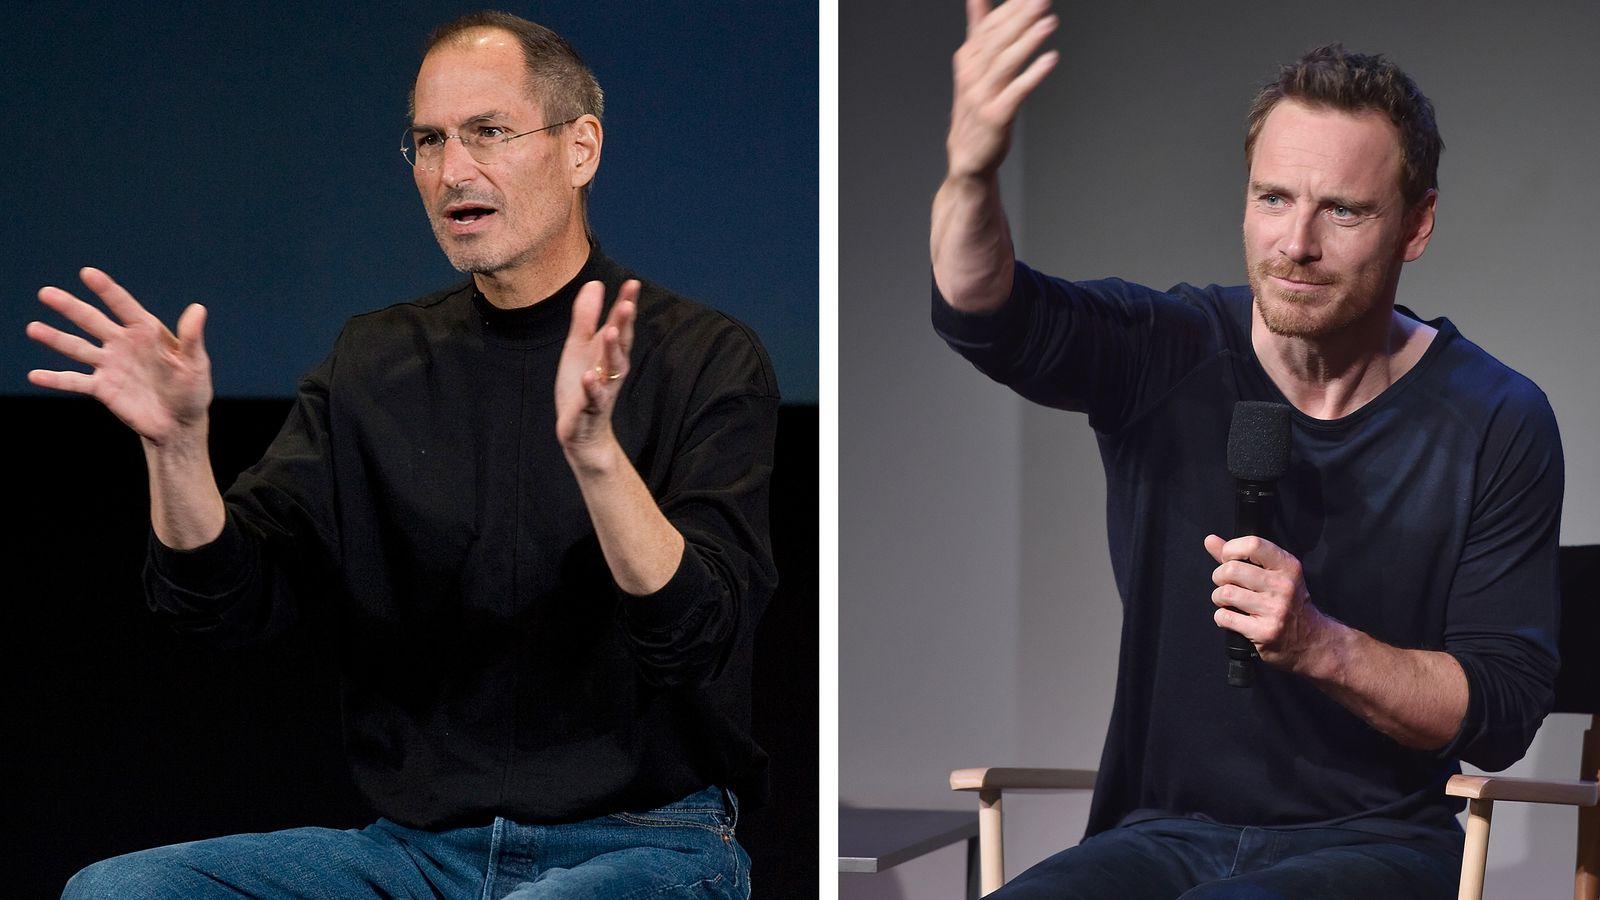 Finally A Steve Jobs Movie That Steve Wozniak Likes The Verge